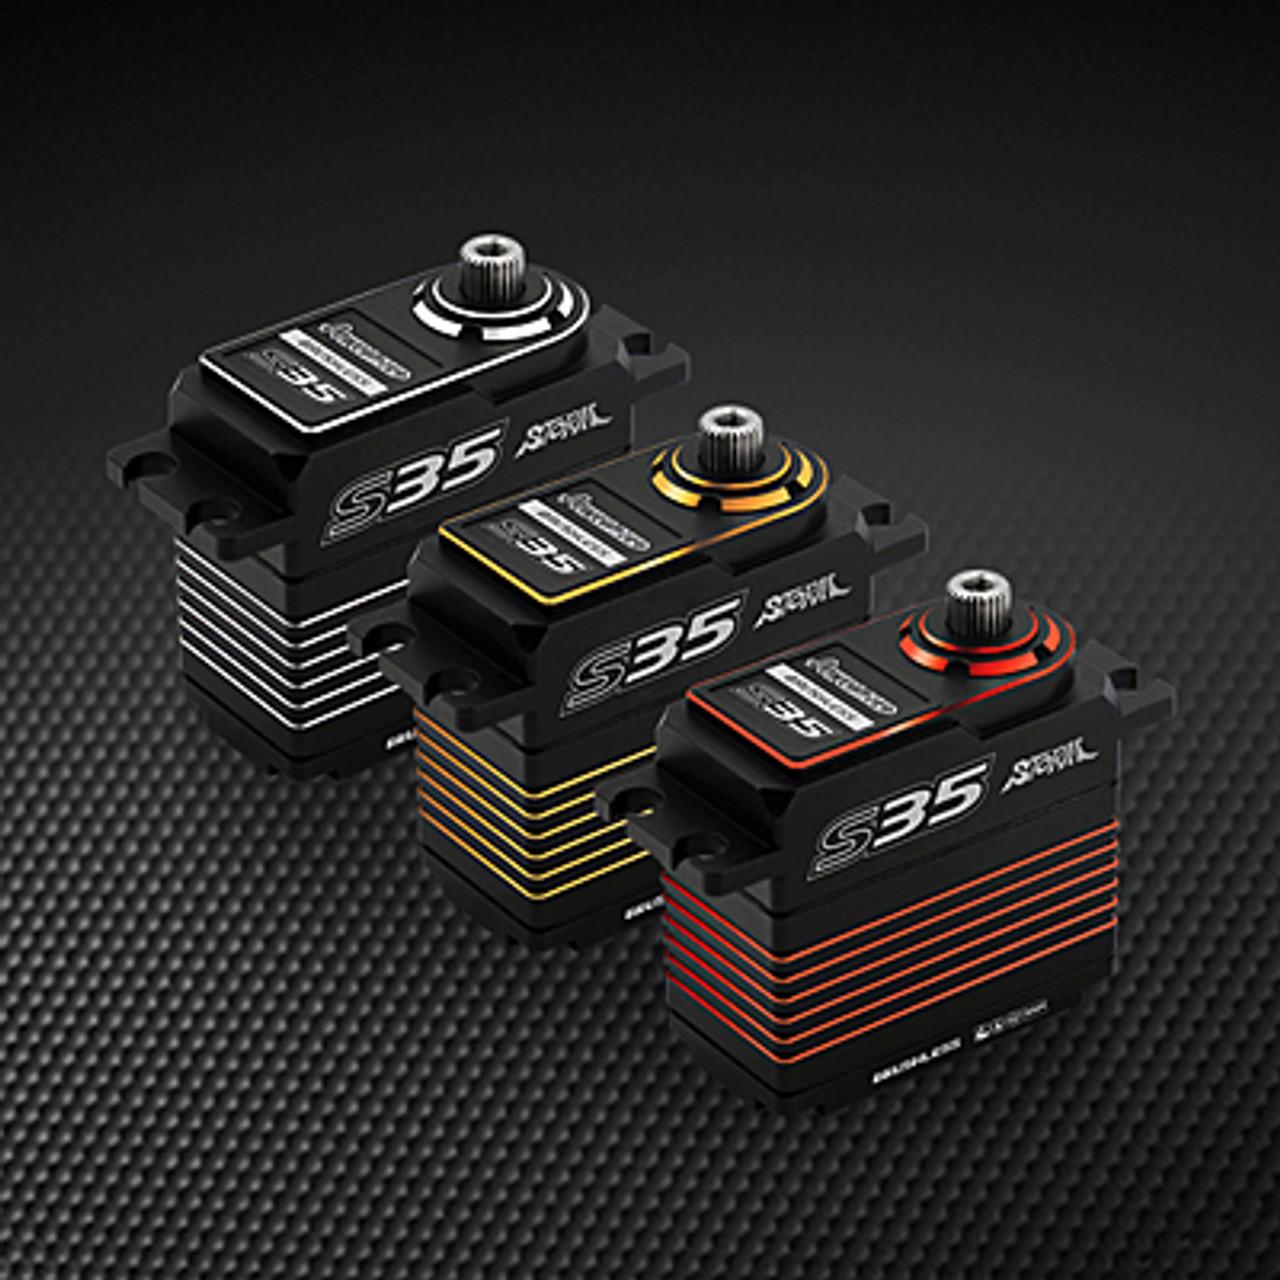 Power HD S35 Gold (0.075s/30.0kg/7.4V) Brushless Servo